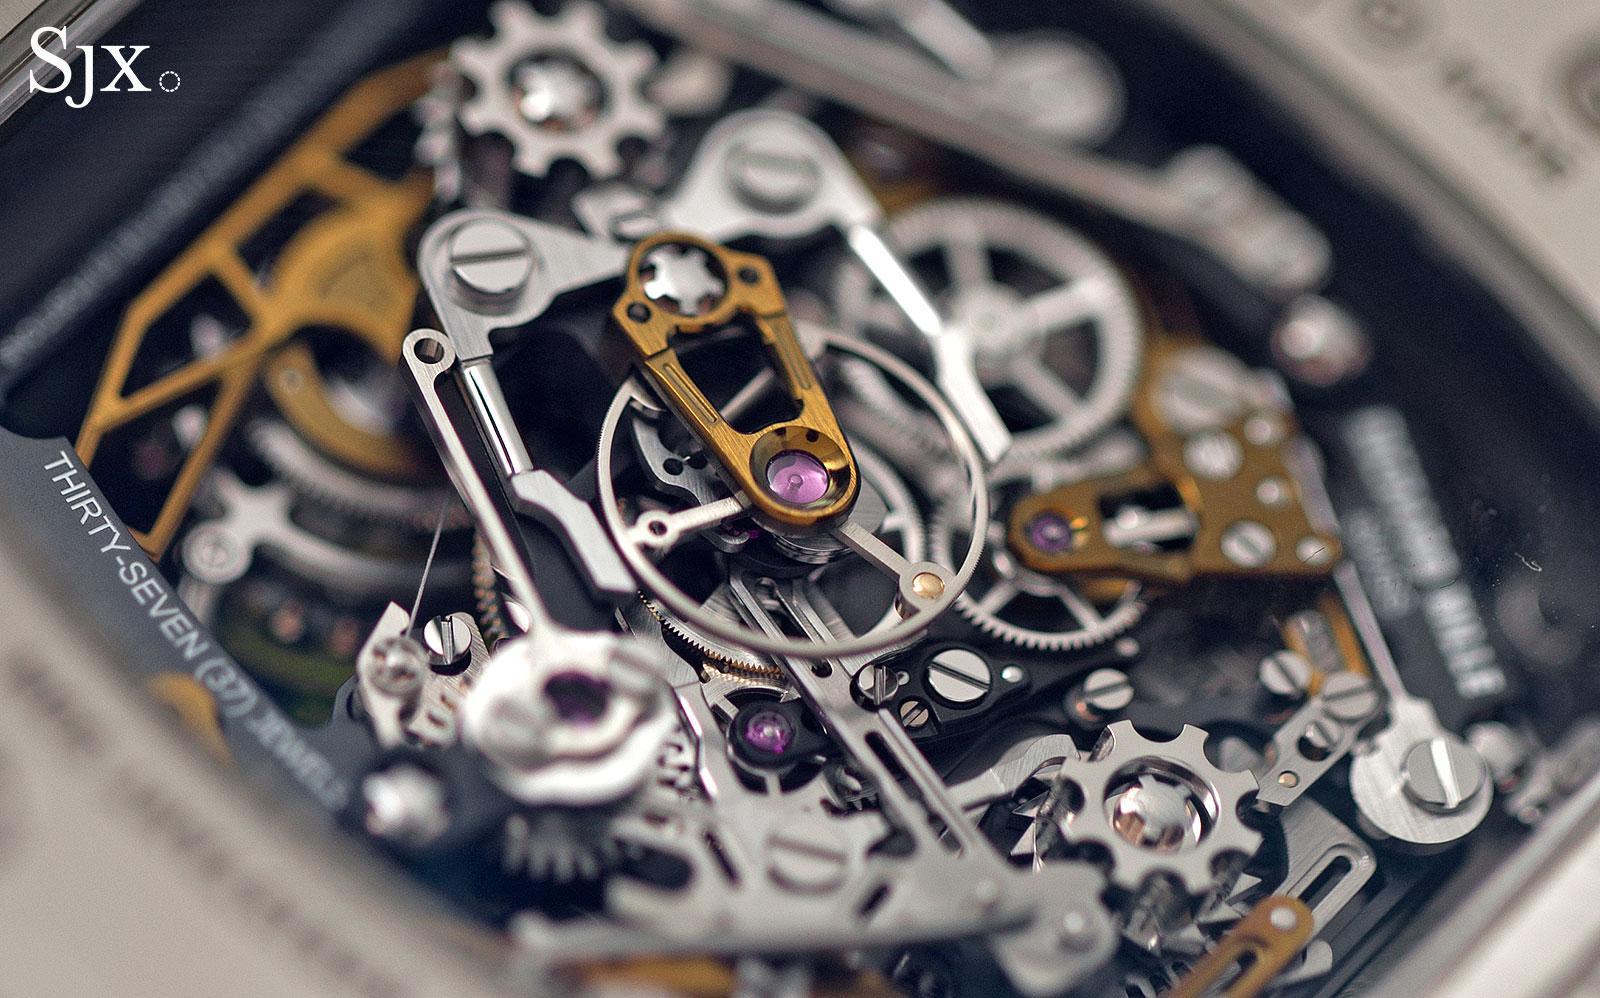 Richard Mille RM 50-02 ACJ Tourbillon Split Seconds Chronograph 17